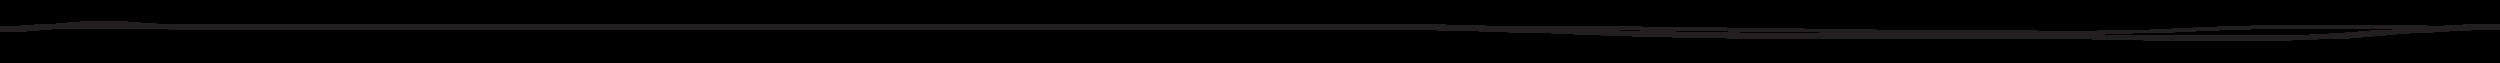 BF_long-line-med-4.png